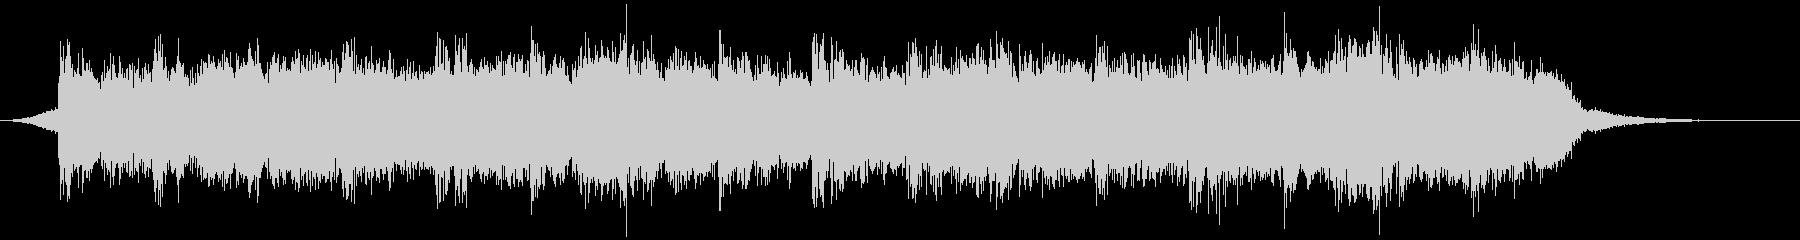 幻想的な映像、ピアノ、ポストクラシカル3の未再生の波形